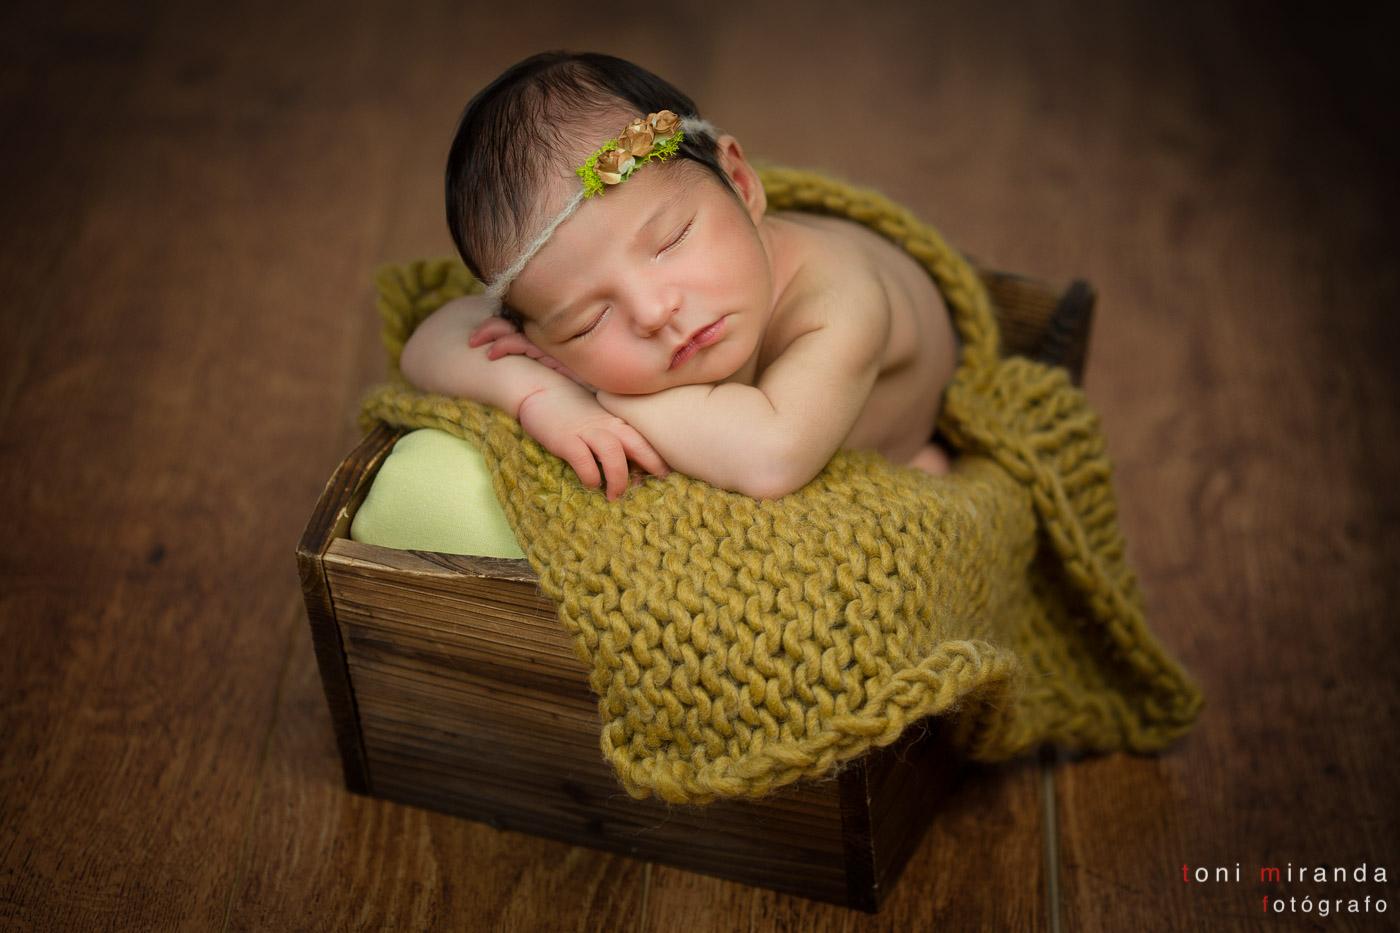 bebe recien nacido durmiendo en caja de madera con flores en la cabeza